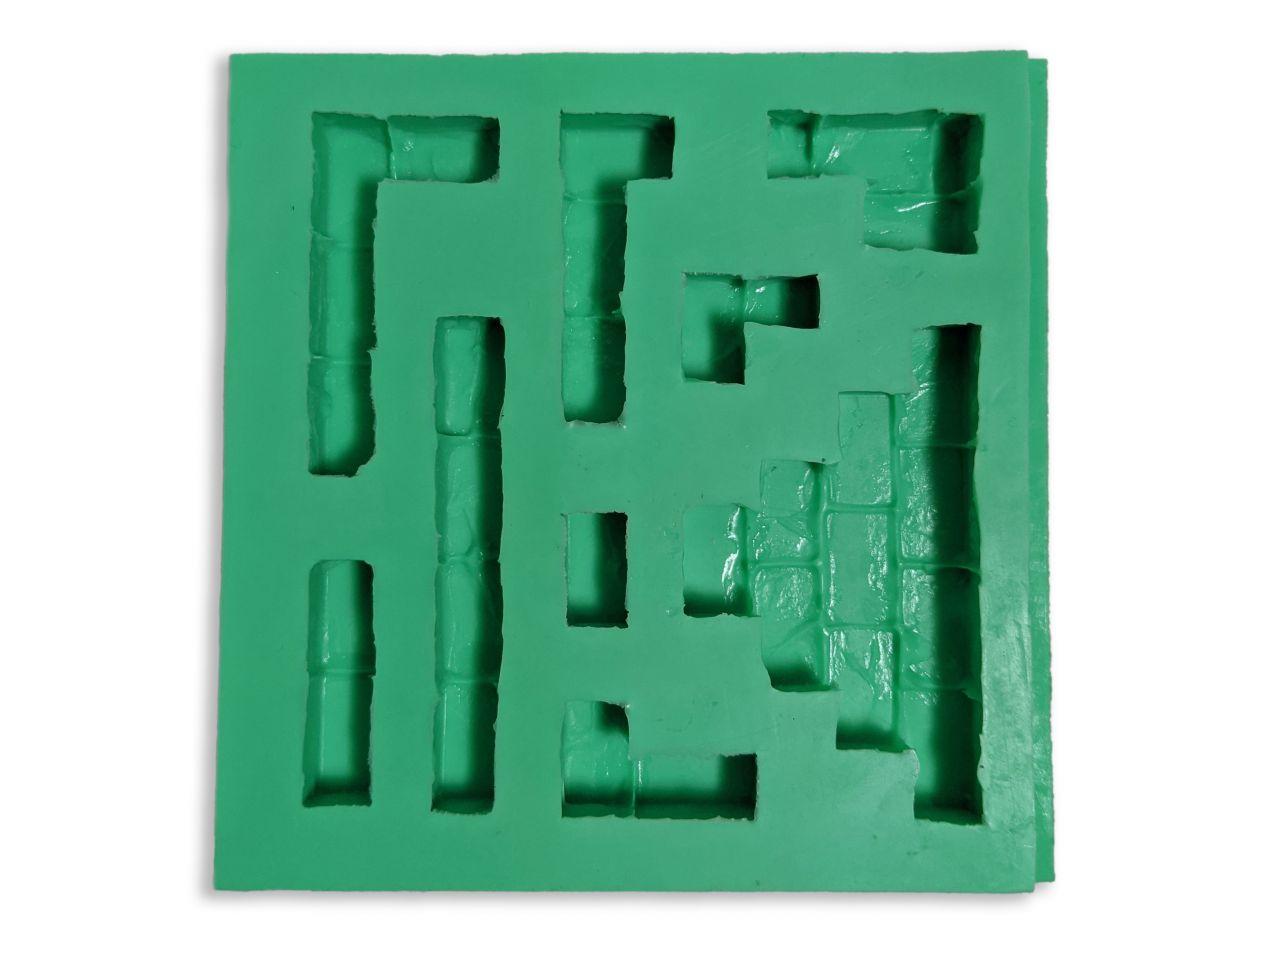 Giessform Silikonform Module Bausteine für den Krippenbau Set 4